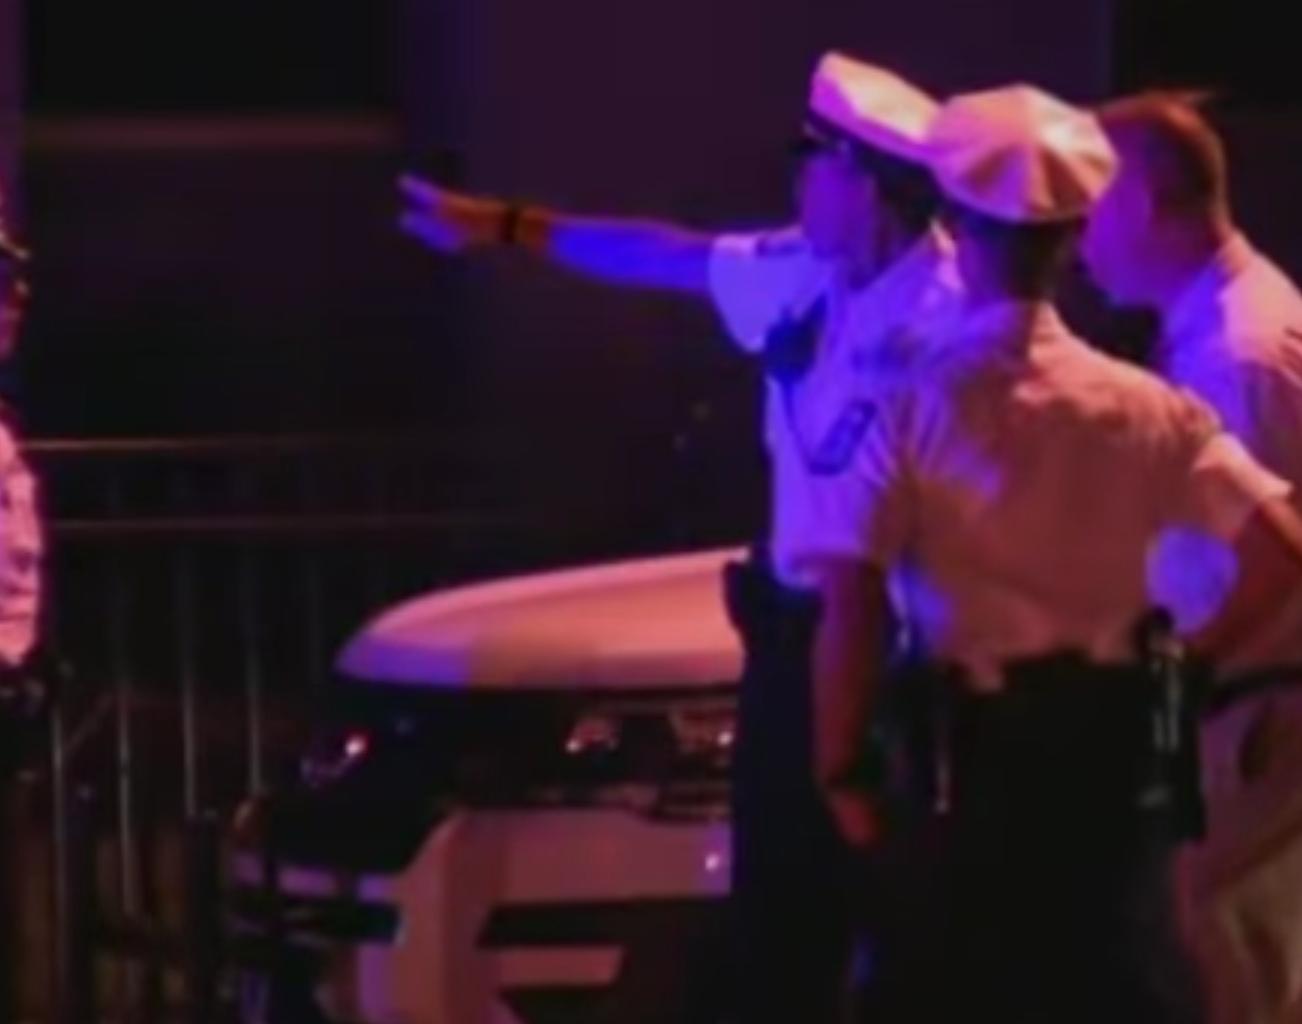 Oficial dispara y mata a joven de 13 años en EE.UU